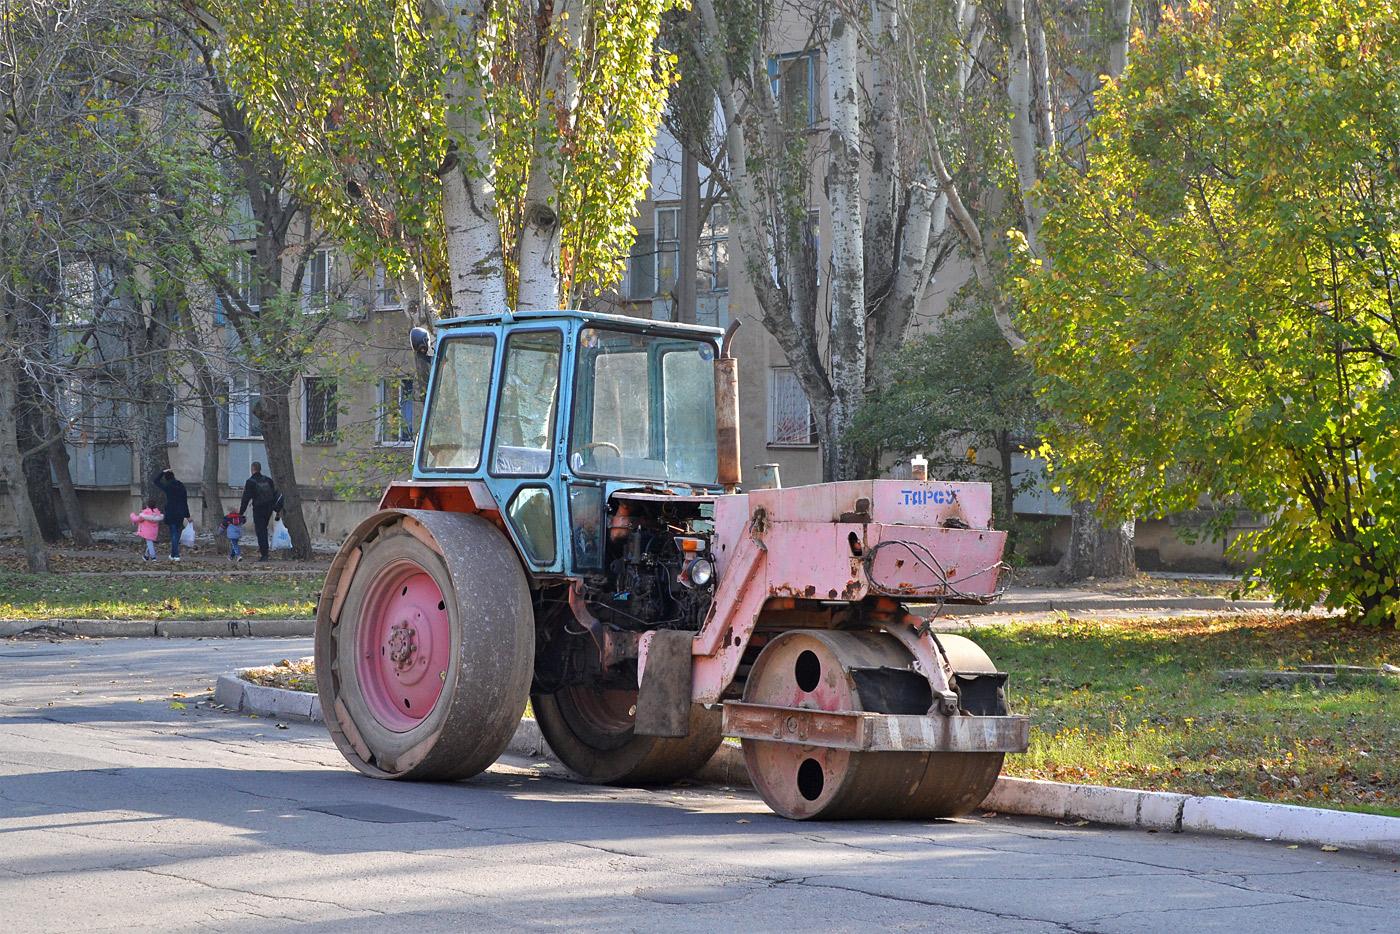 Каток Т-219 #562 ТА. Приднестровье, Тирасполь, улица Юности